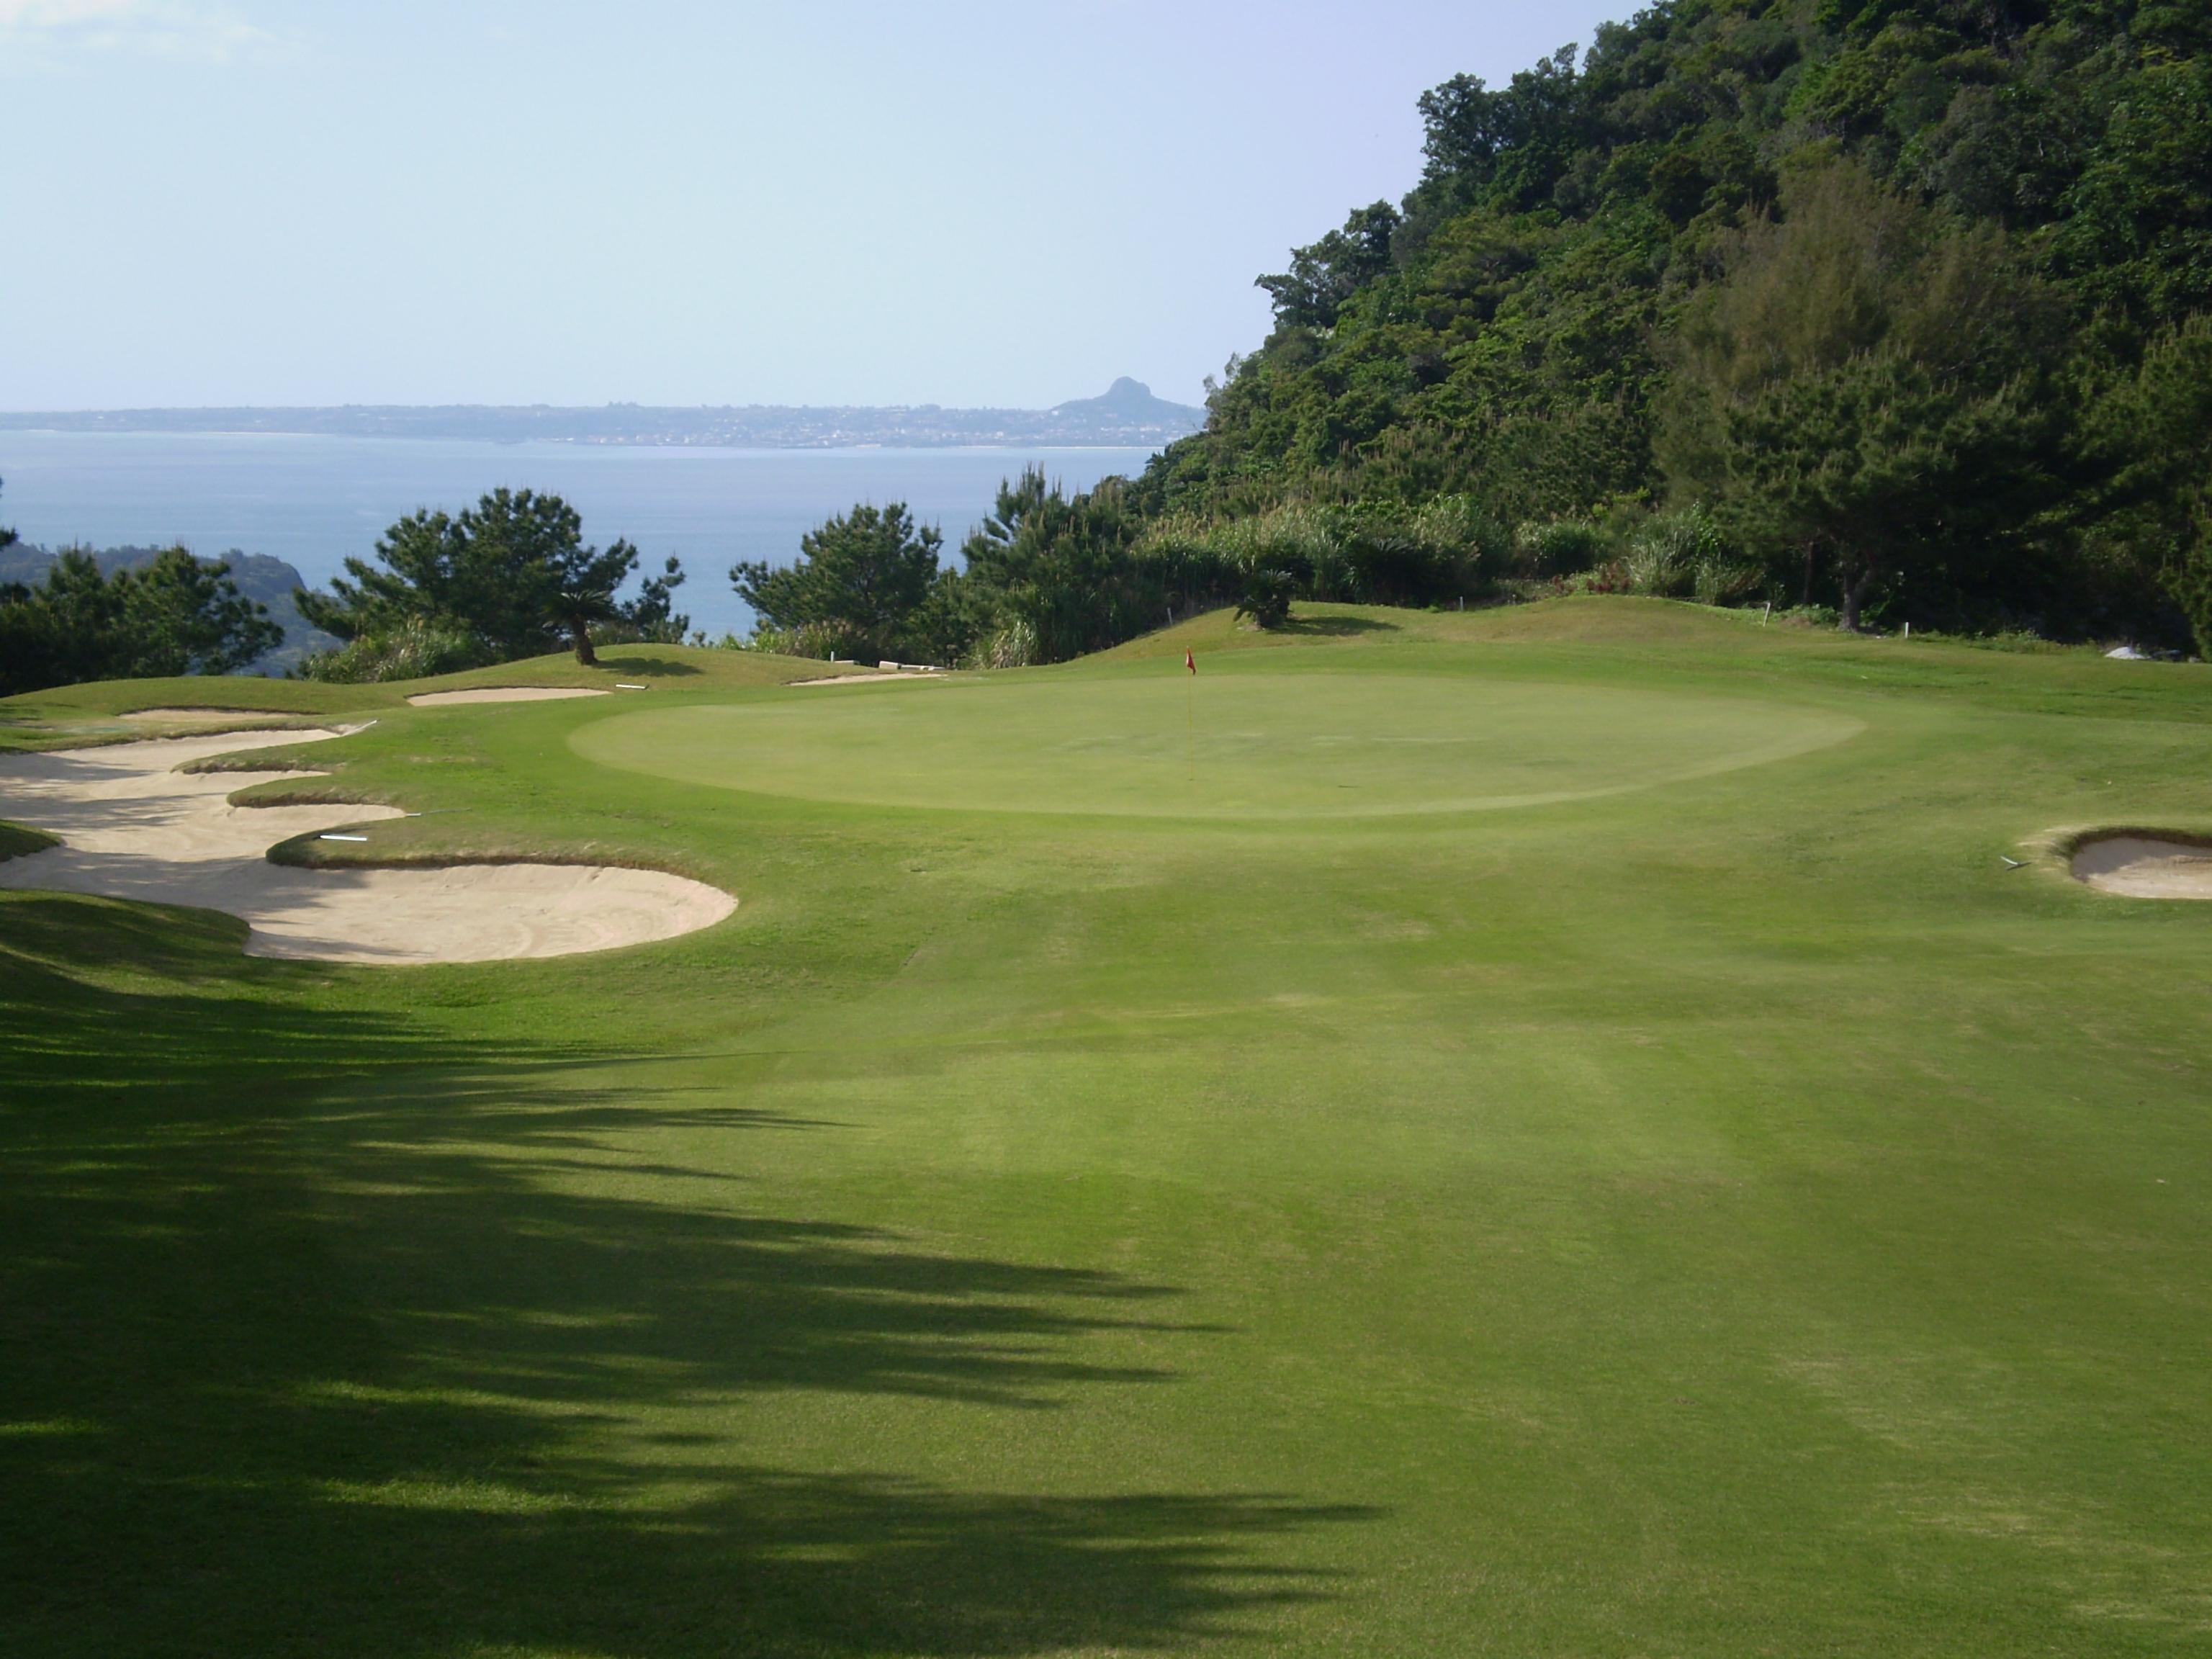 【沖縄県】ベルビーチゴルフクラブ